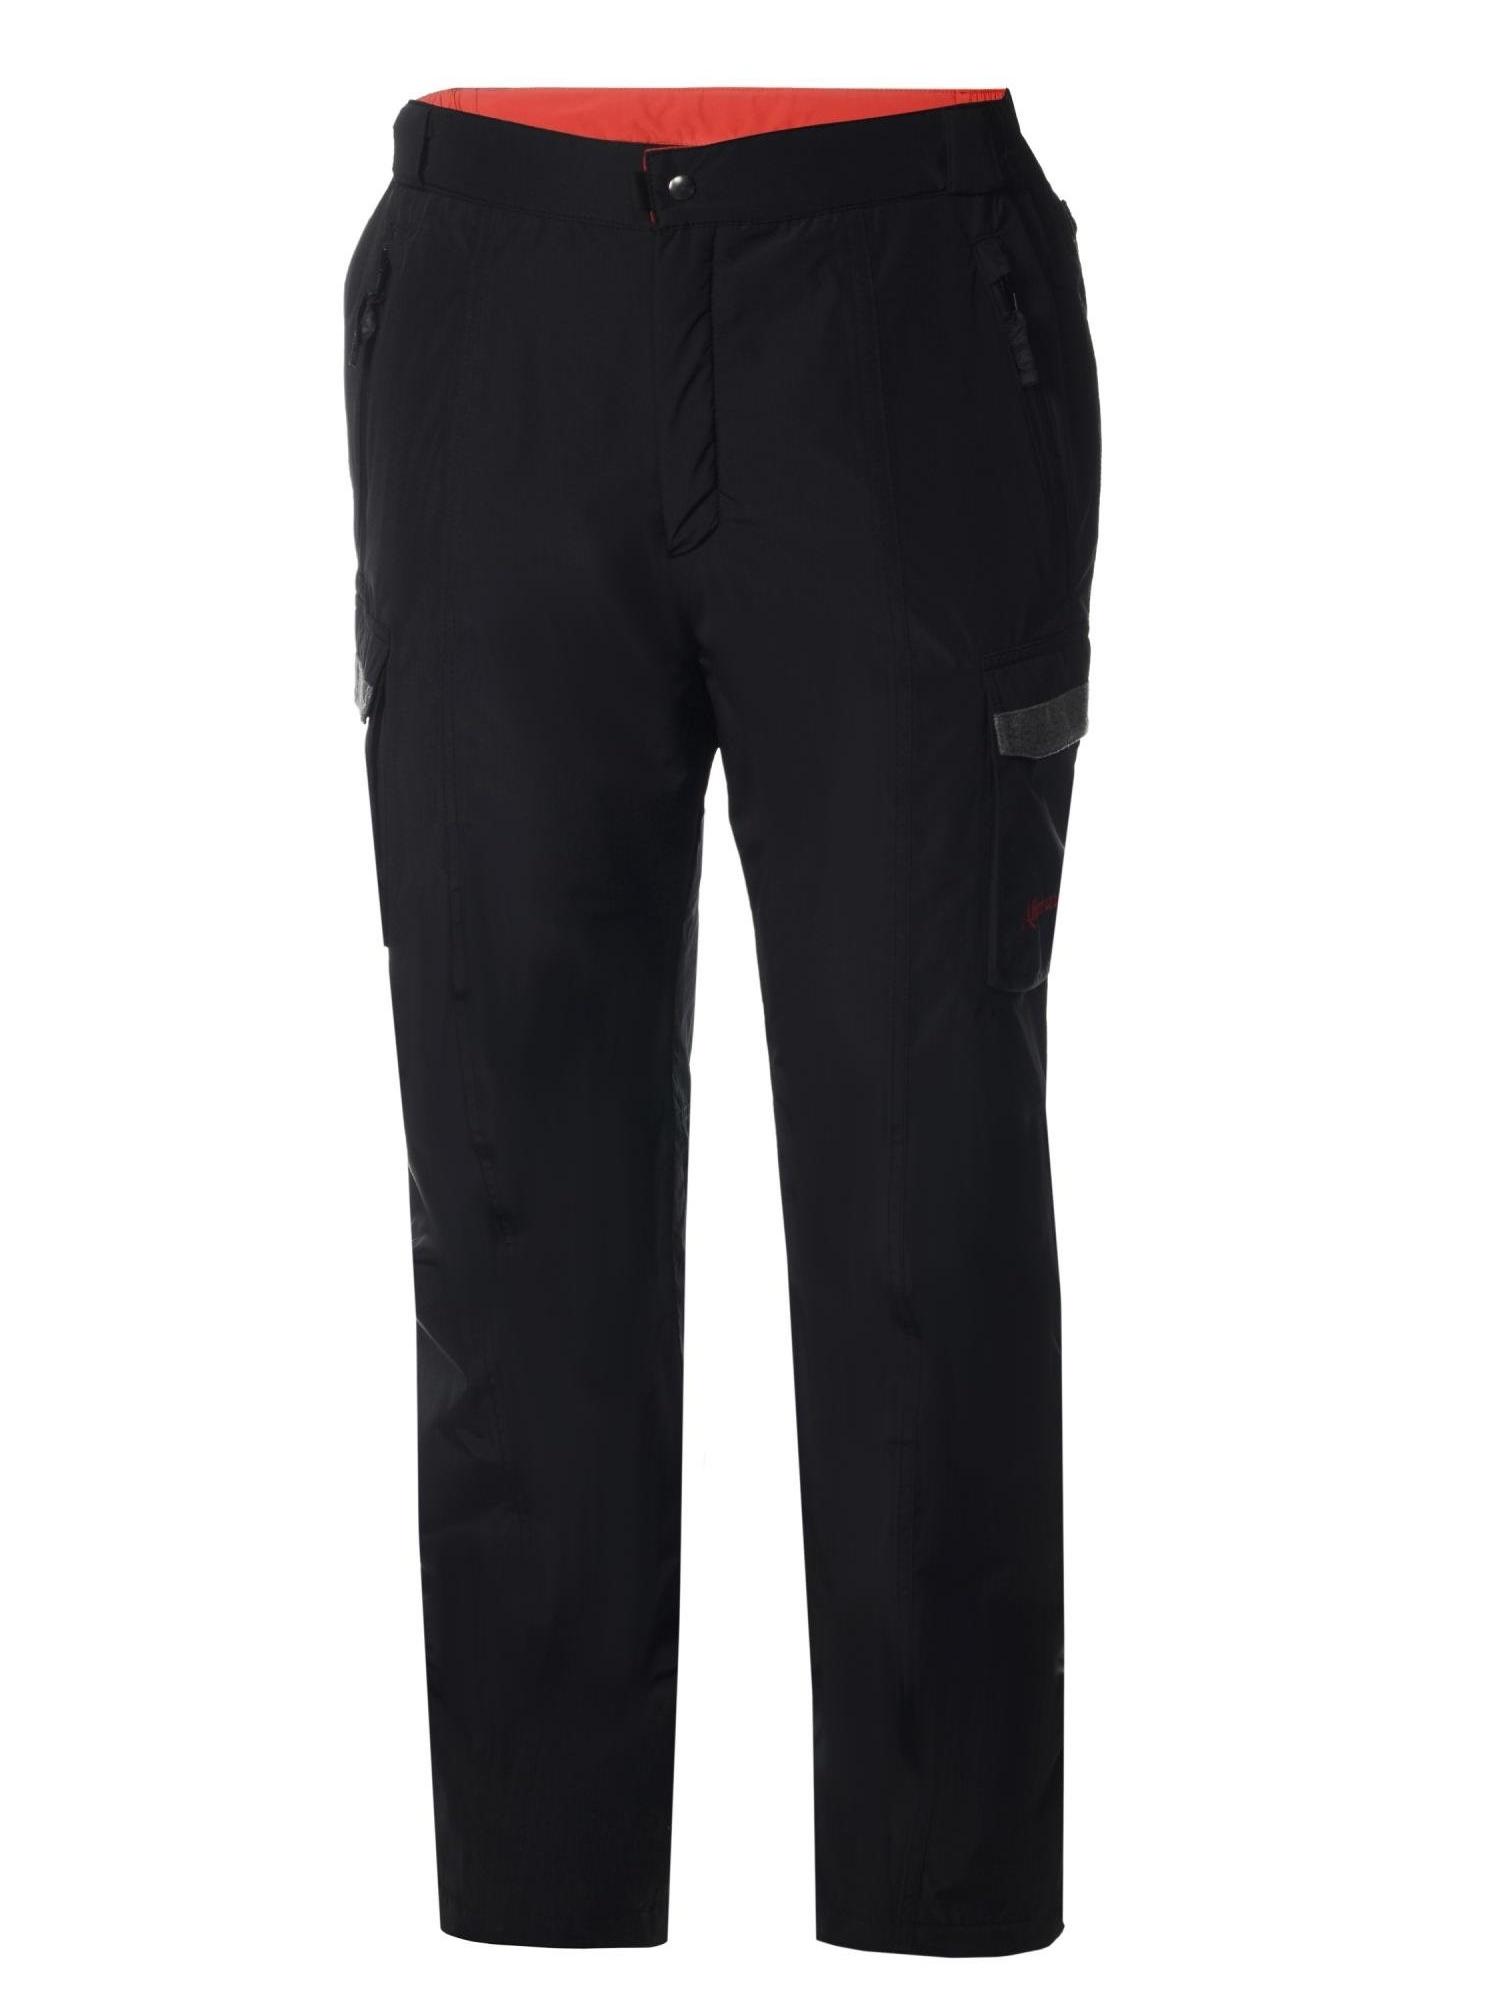 Мужские горнолыжные брюки Almrausch Hochbruck 321300-0909 черные фото